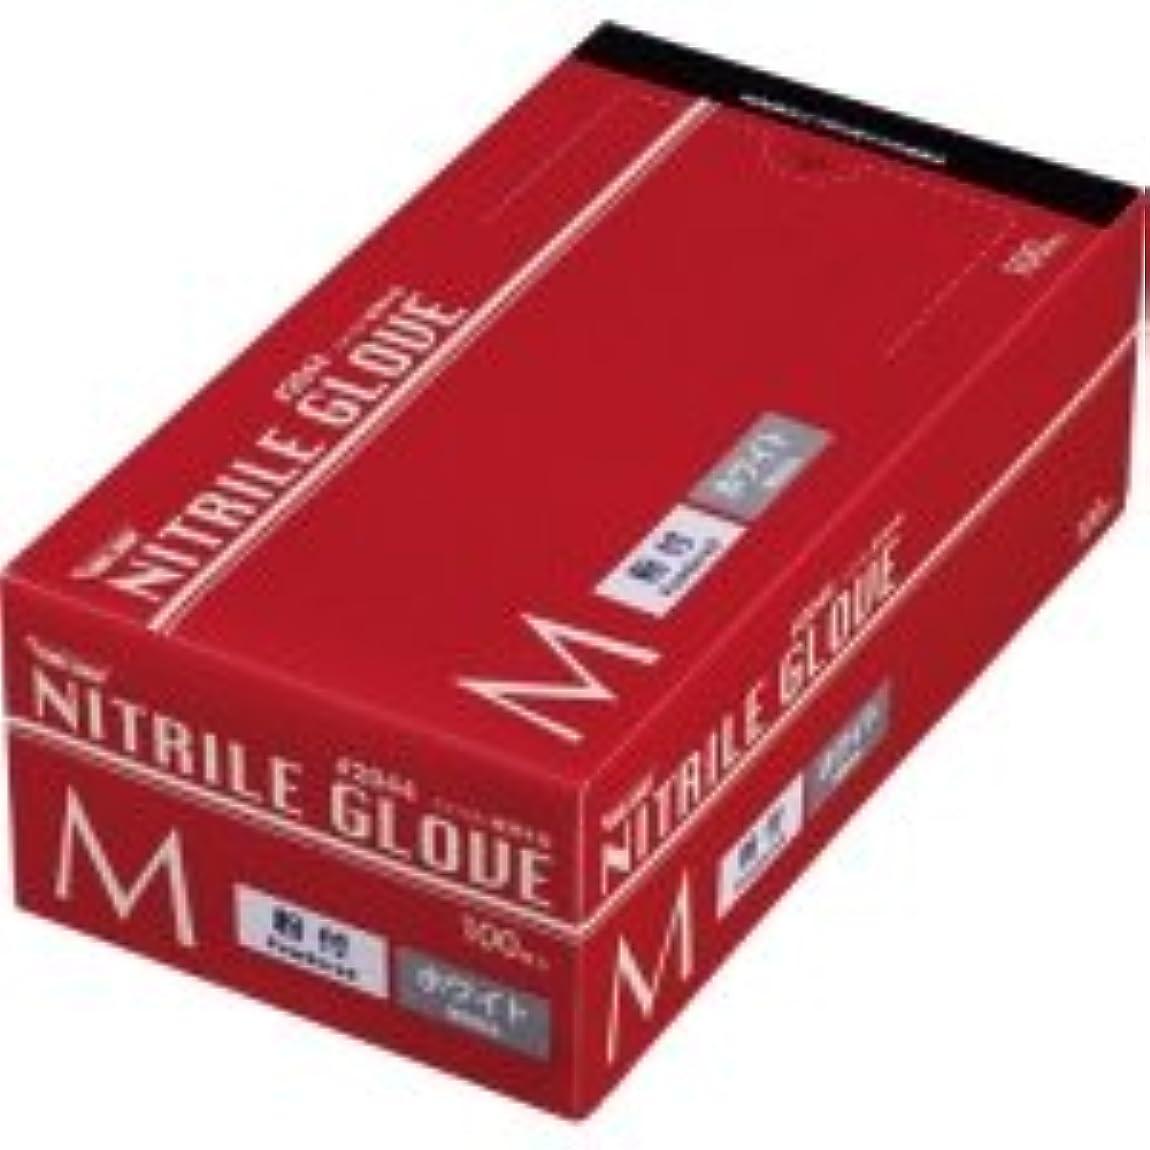 はしごチート原始的な川西工業 ニトリル 使いきり極薄手袋 粉付 ホワイト M 1箱(100枚)